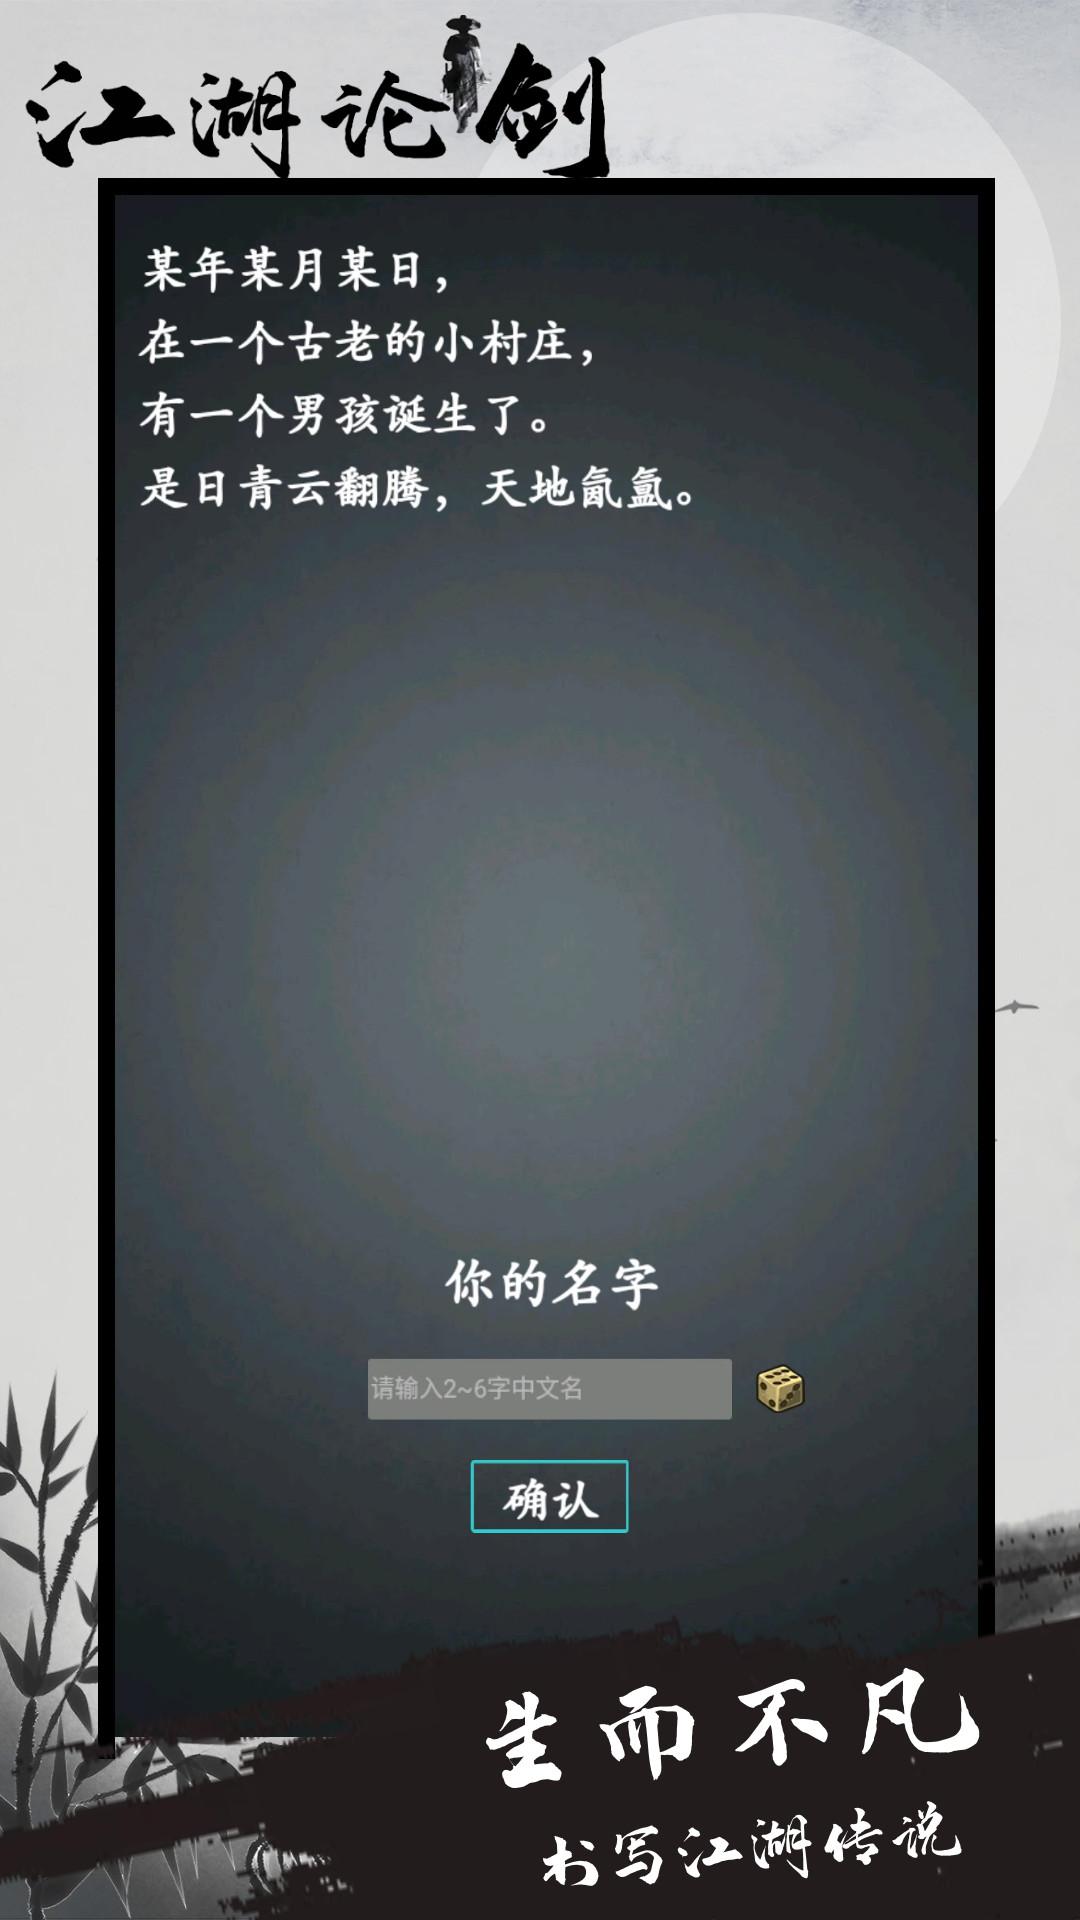 江湖论剑破解版下载